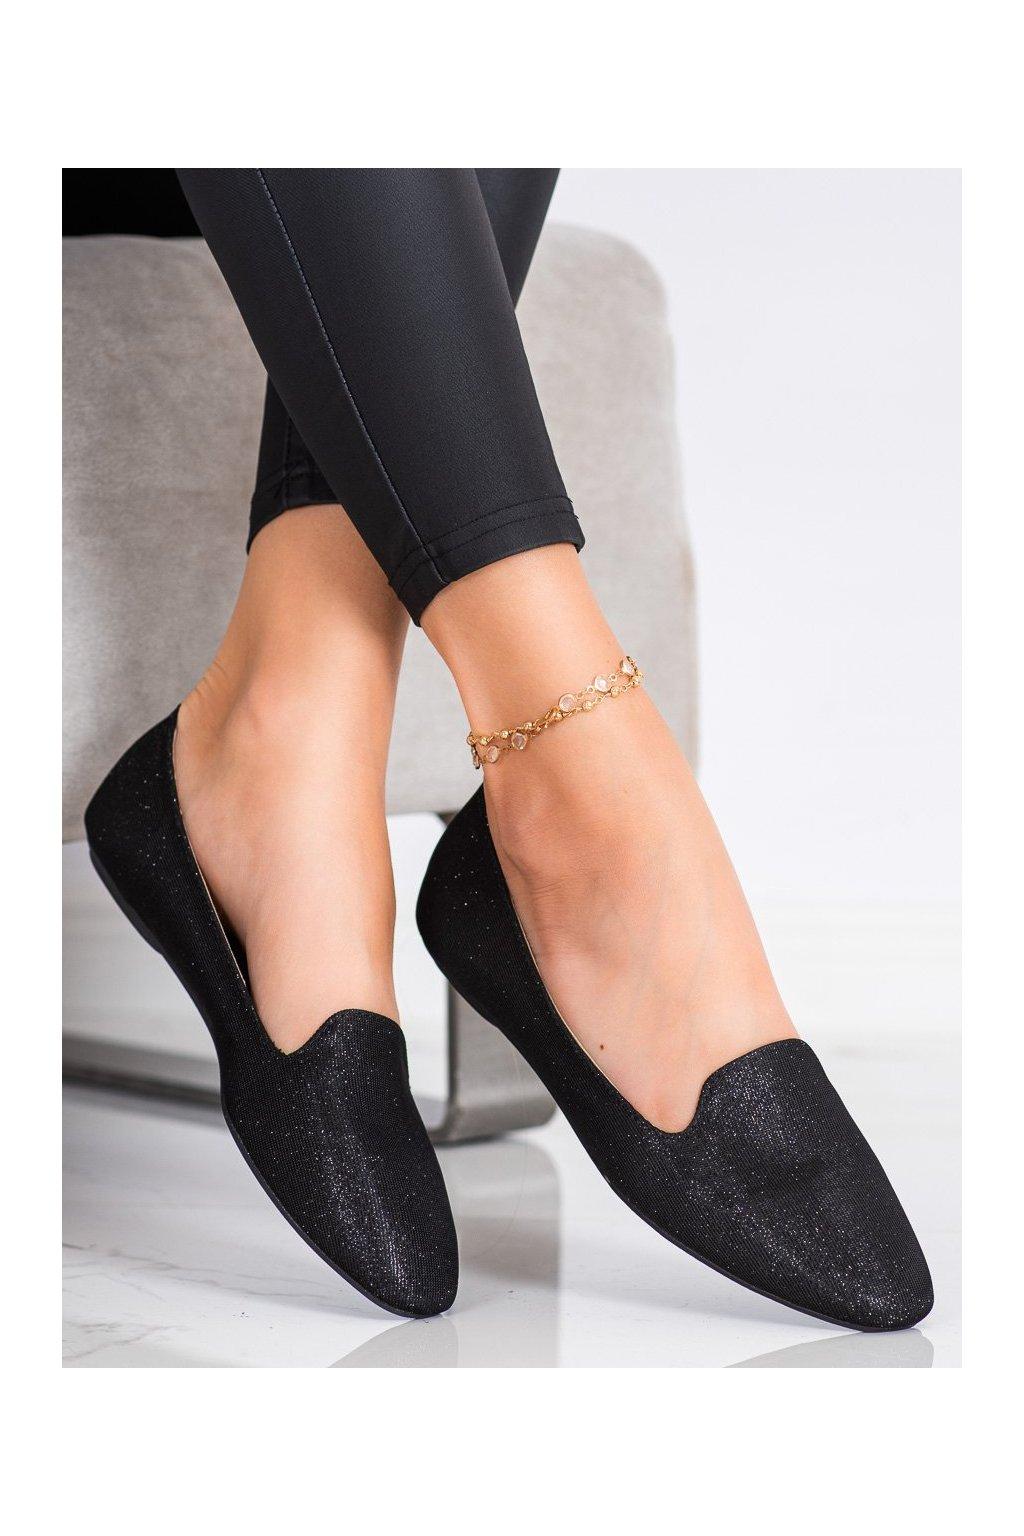 Čierne dámske balerínky Super mode kod 5259B